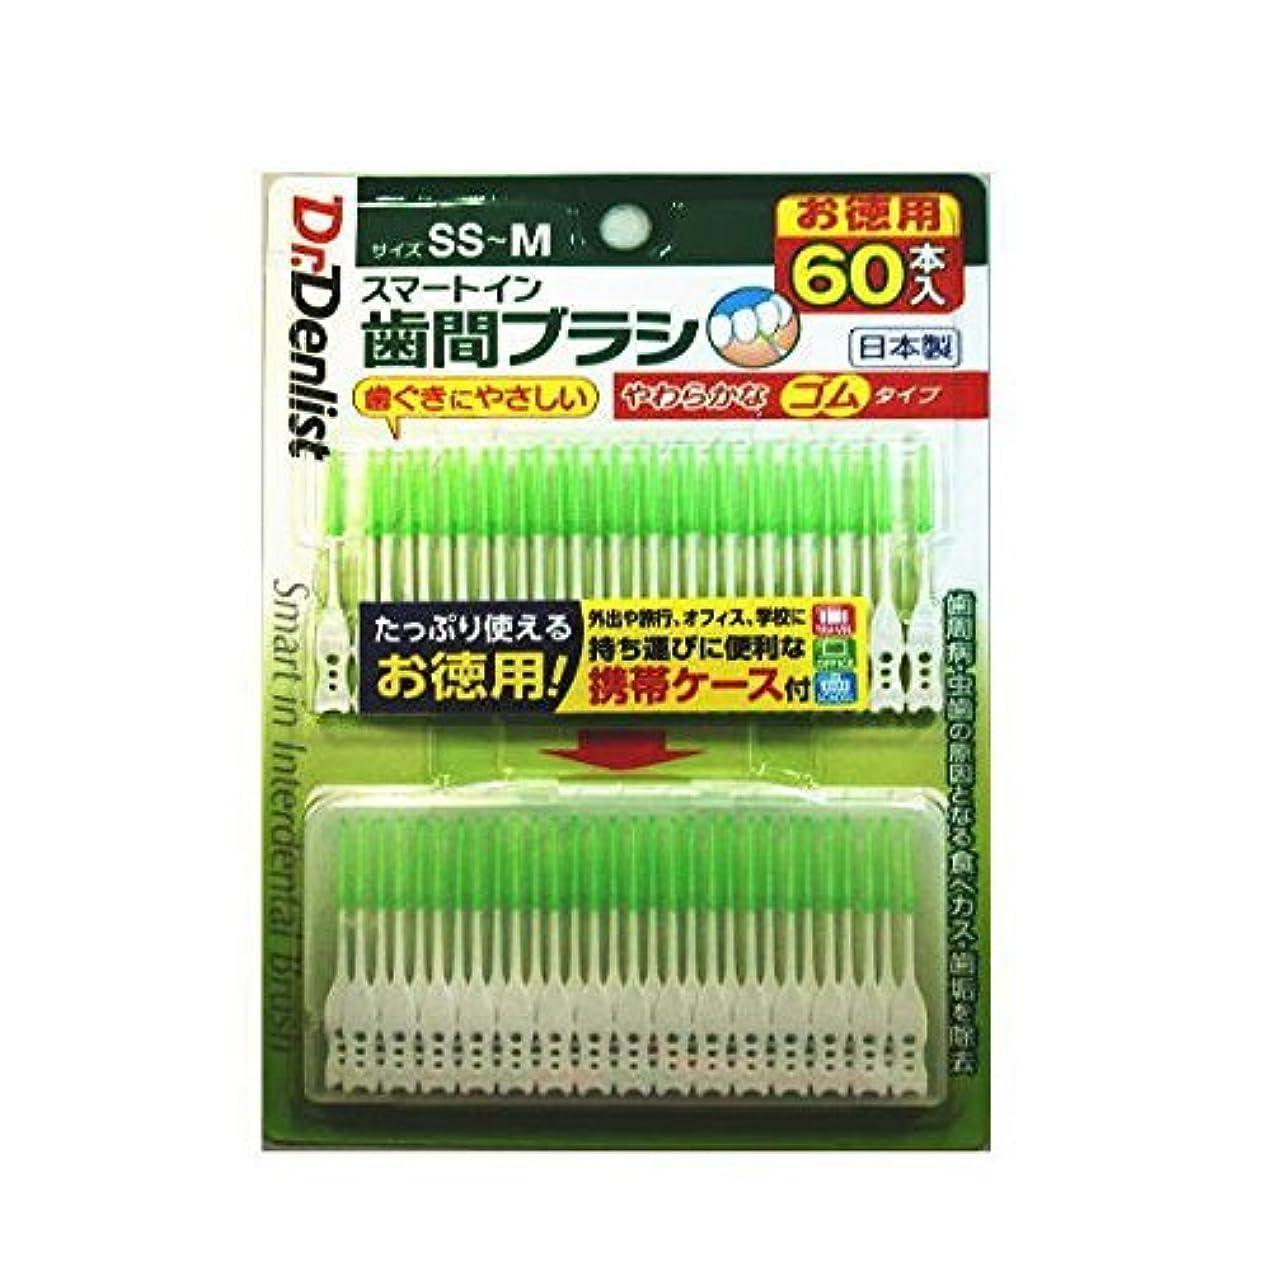 看板サージ渇き歯間ブラシ スマートイン 60本入 お徳用 やわらかなゴムタイプ